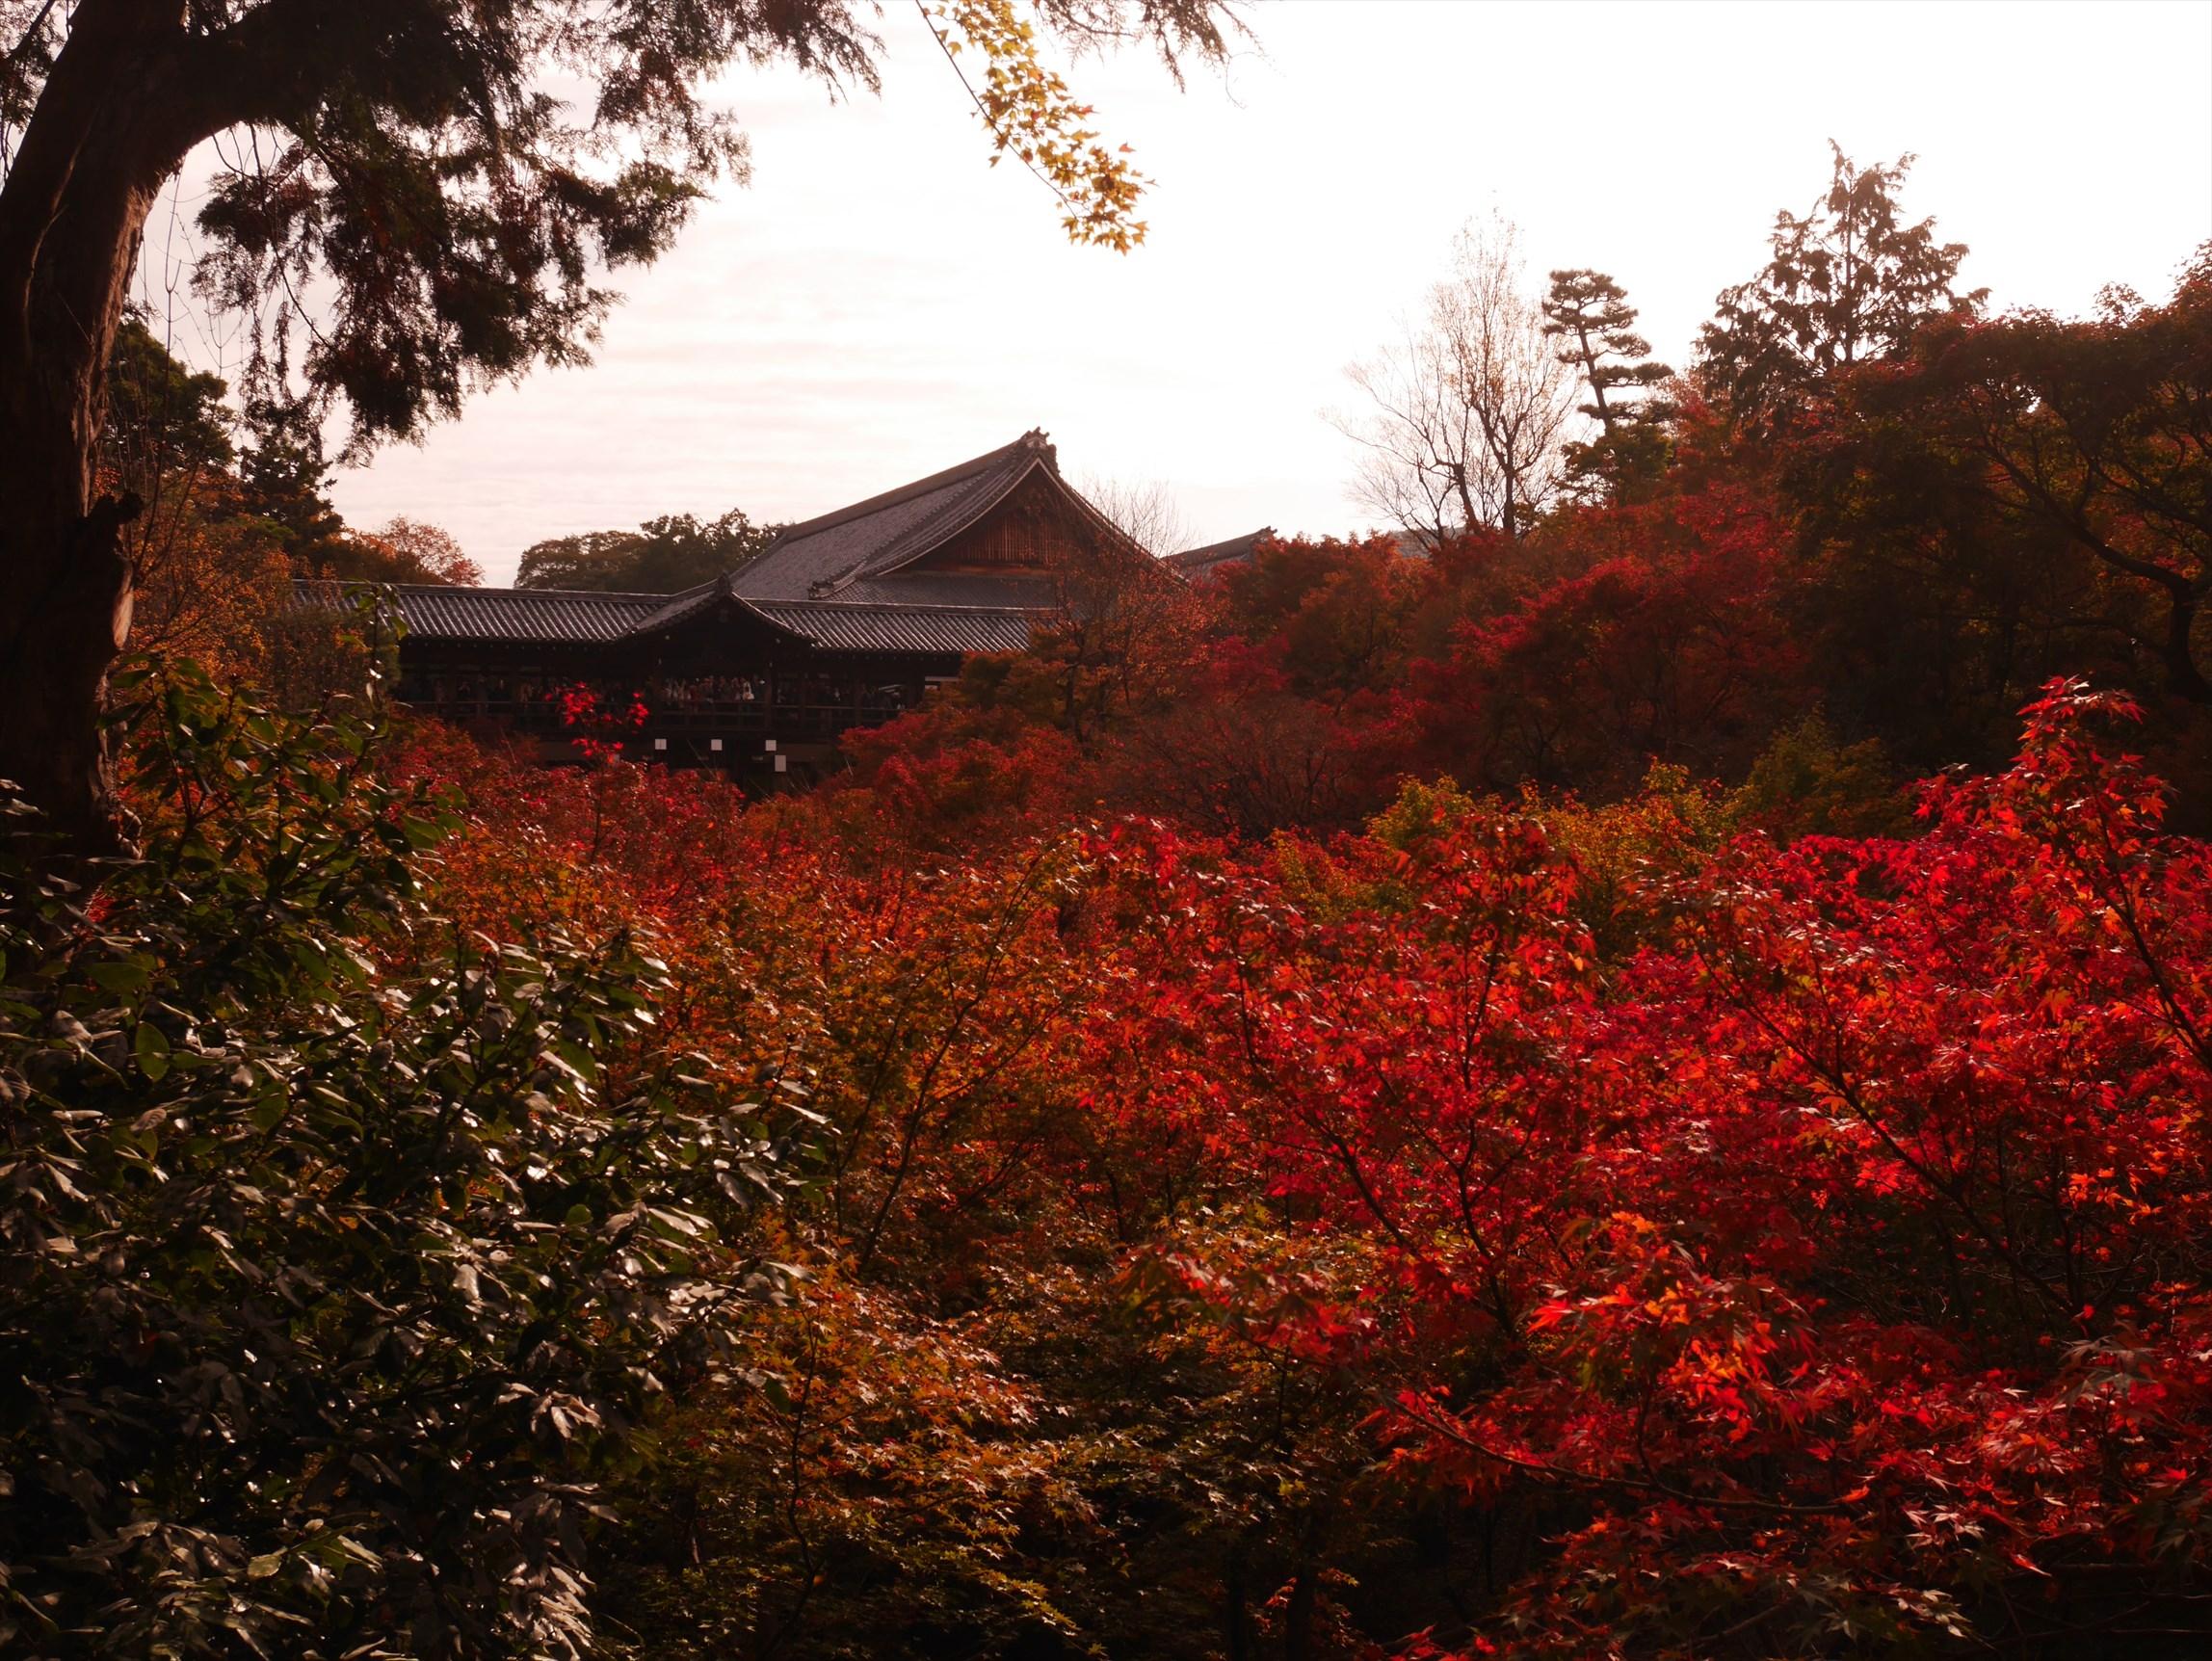 紅葉で有名な東福寺 開門直後の朝8時半に行ったら既に満員電車状態だった